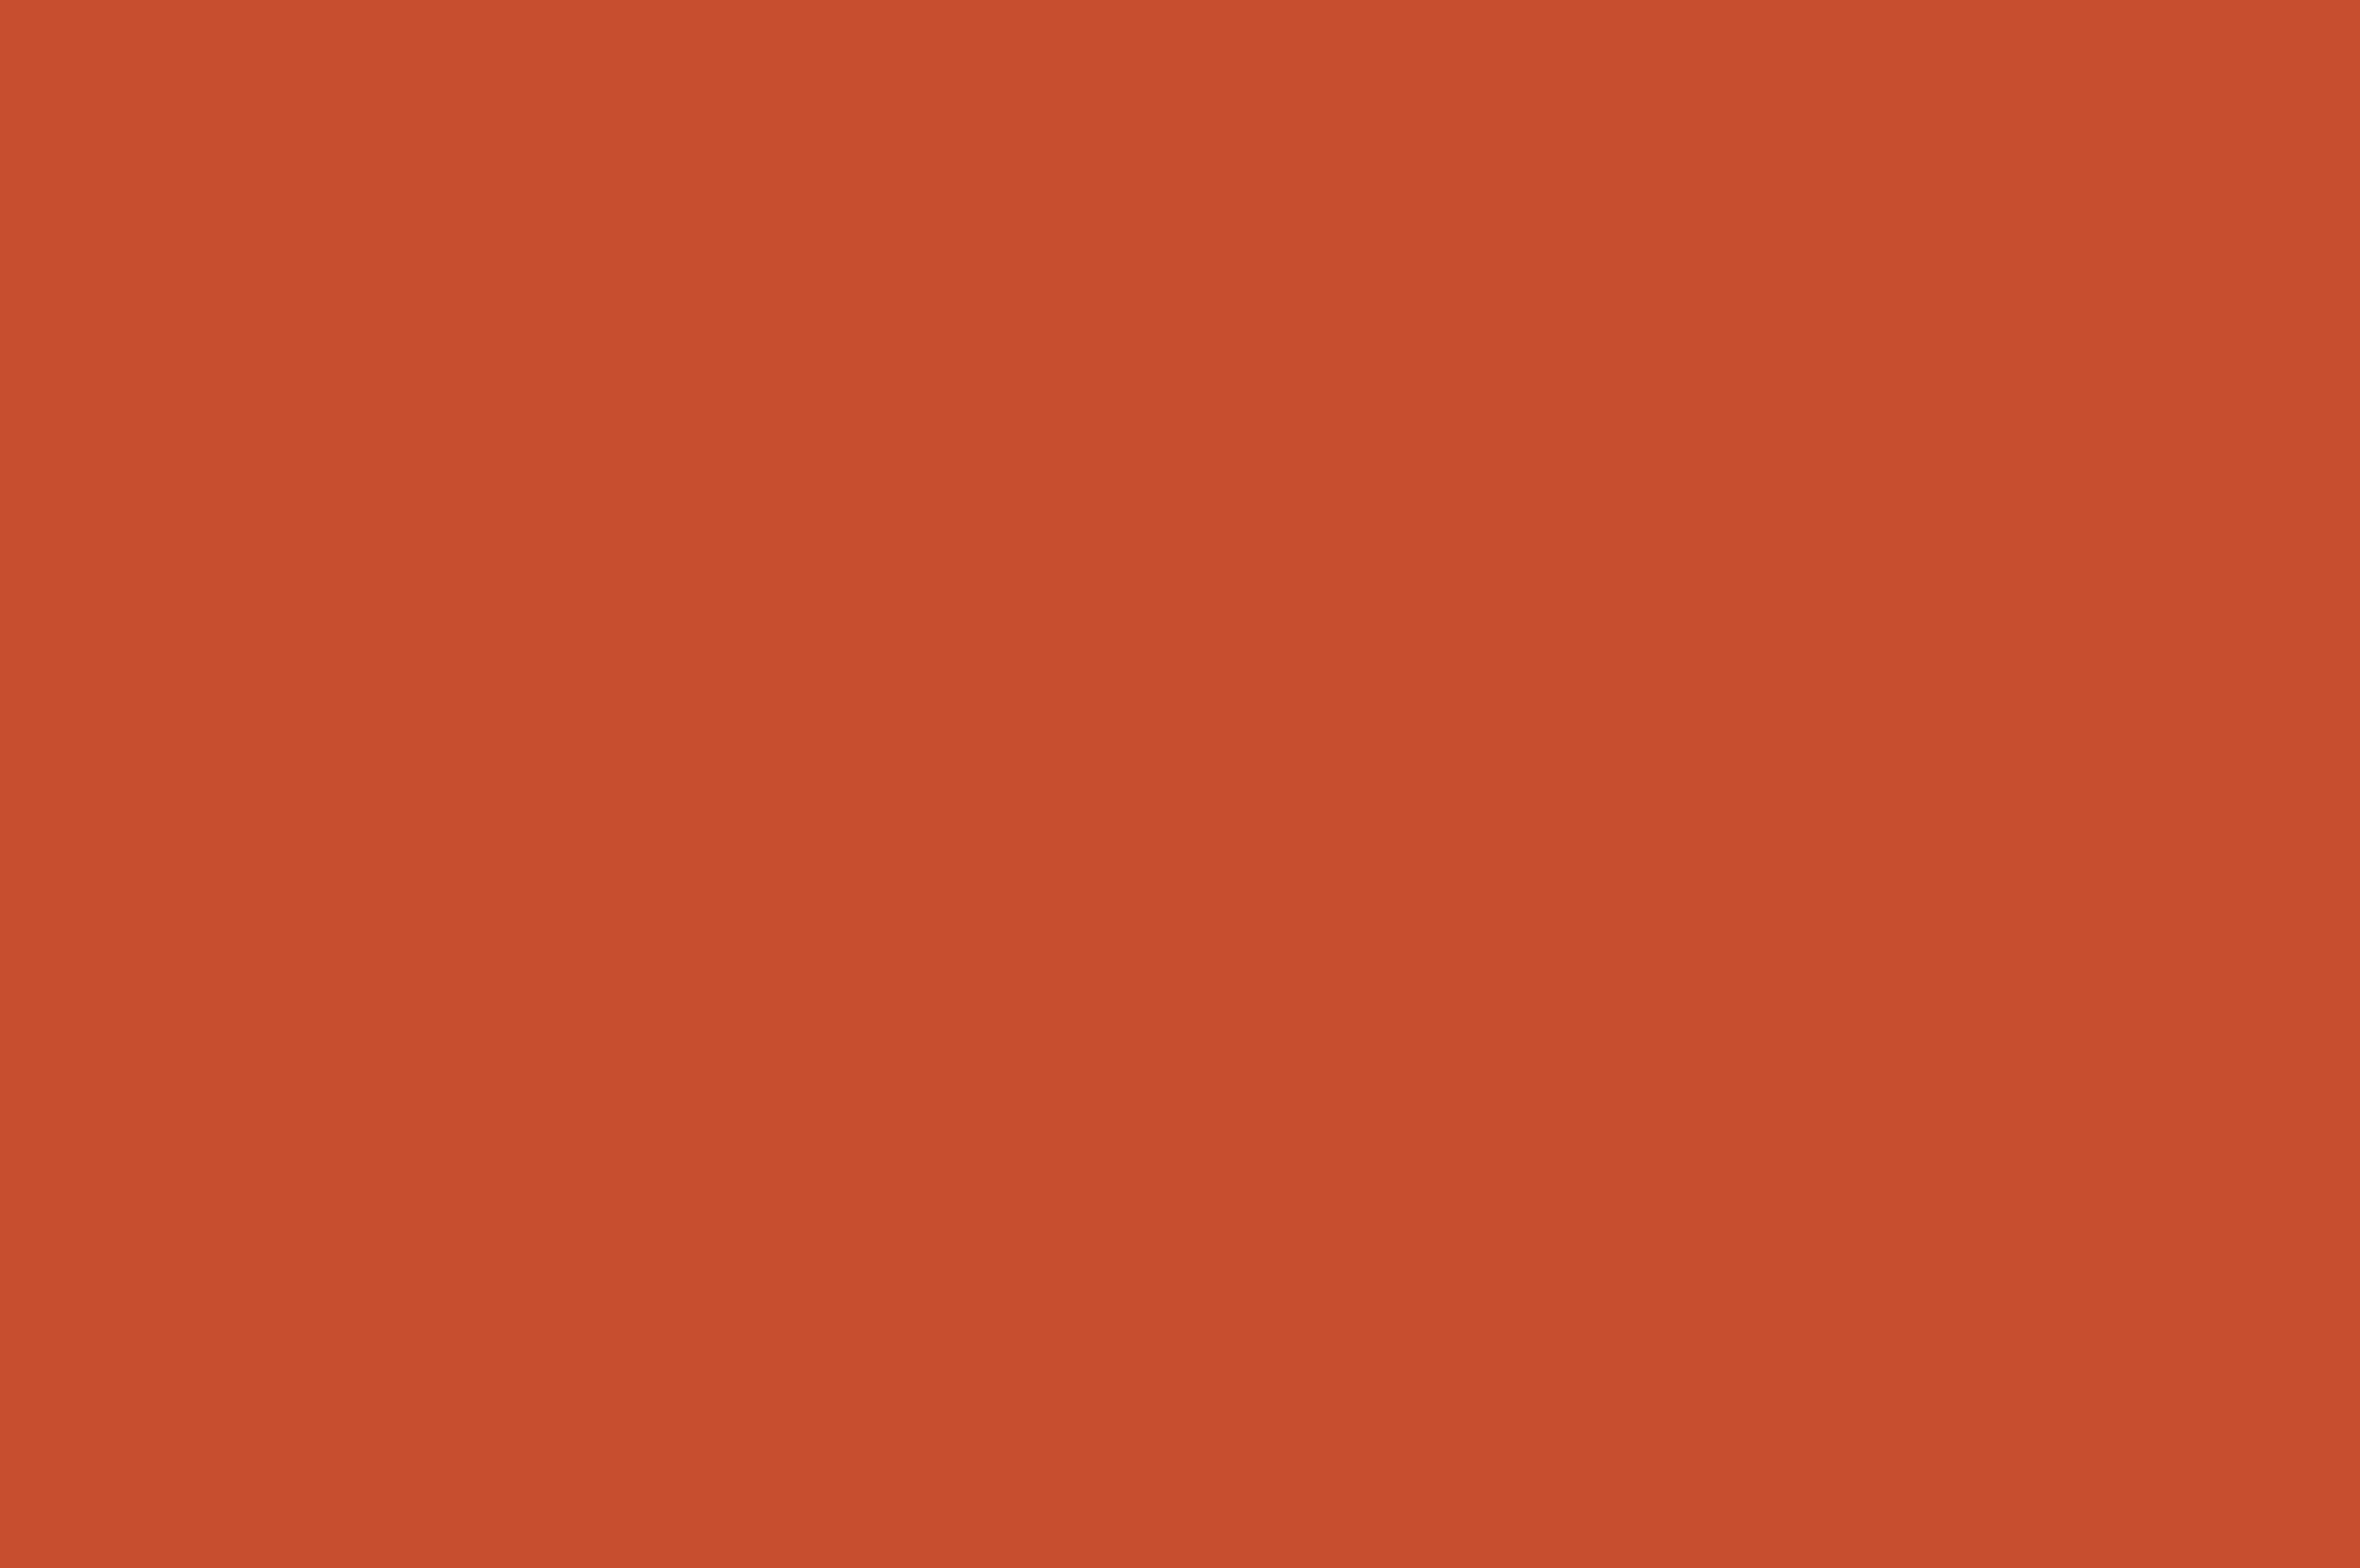 Marset hanglamp tam tam 6 versteeg lichtstudio - Kussen oranje en bruin ...